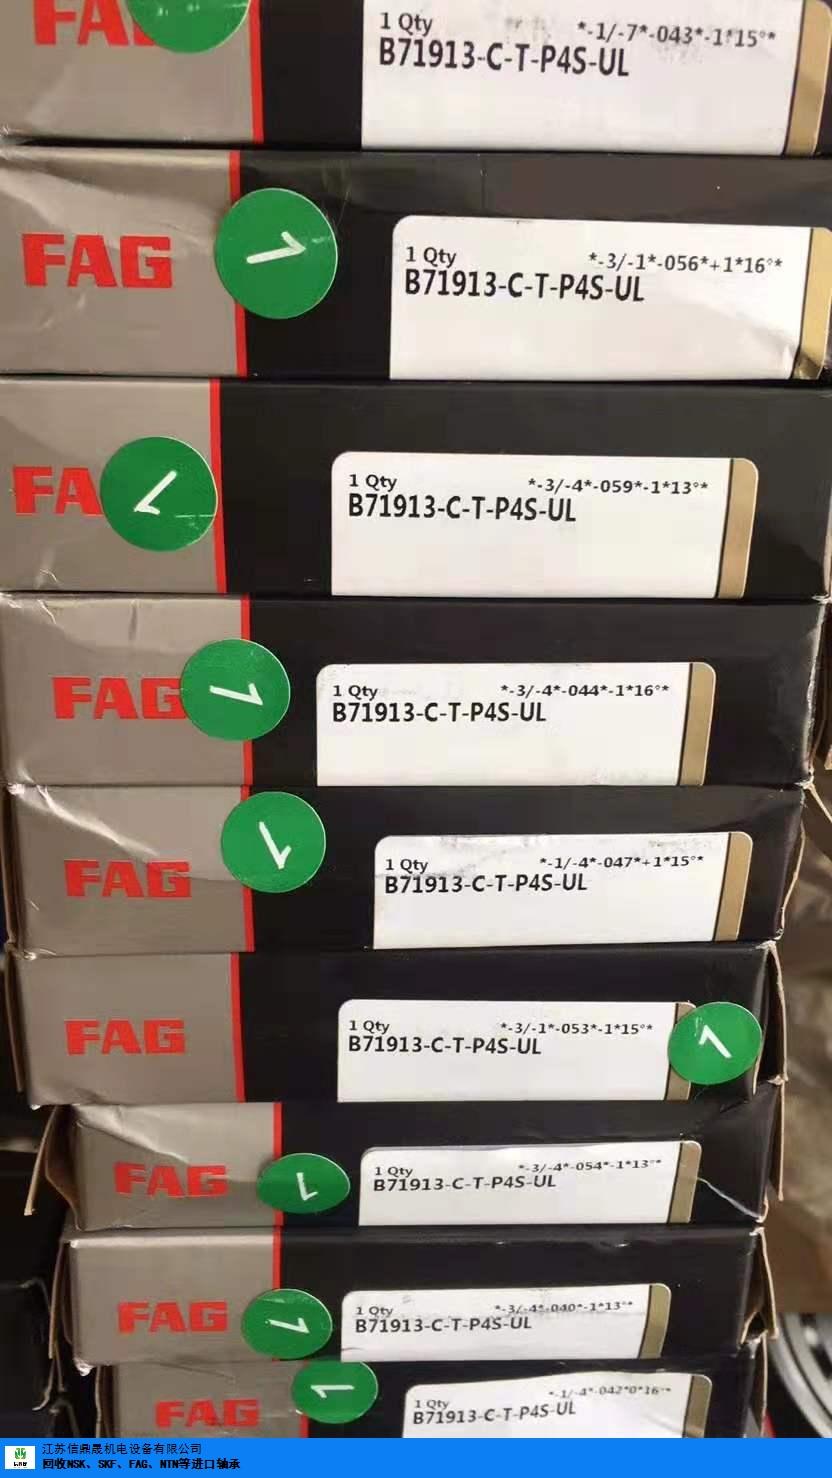 进口FAG轴承回收服务为先,FAG轴承回收